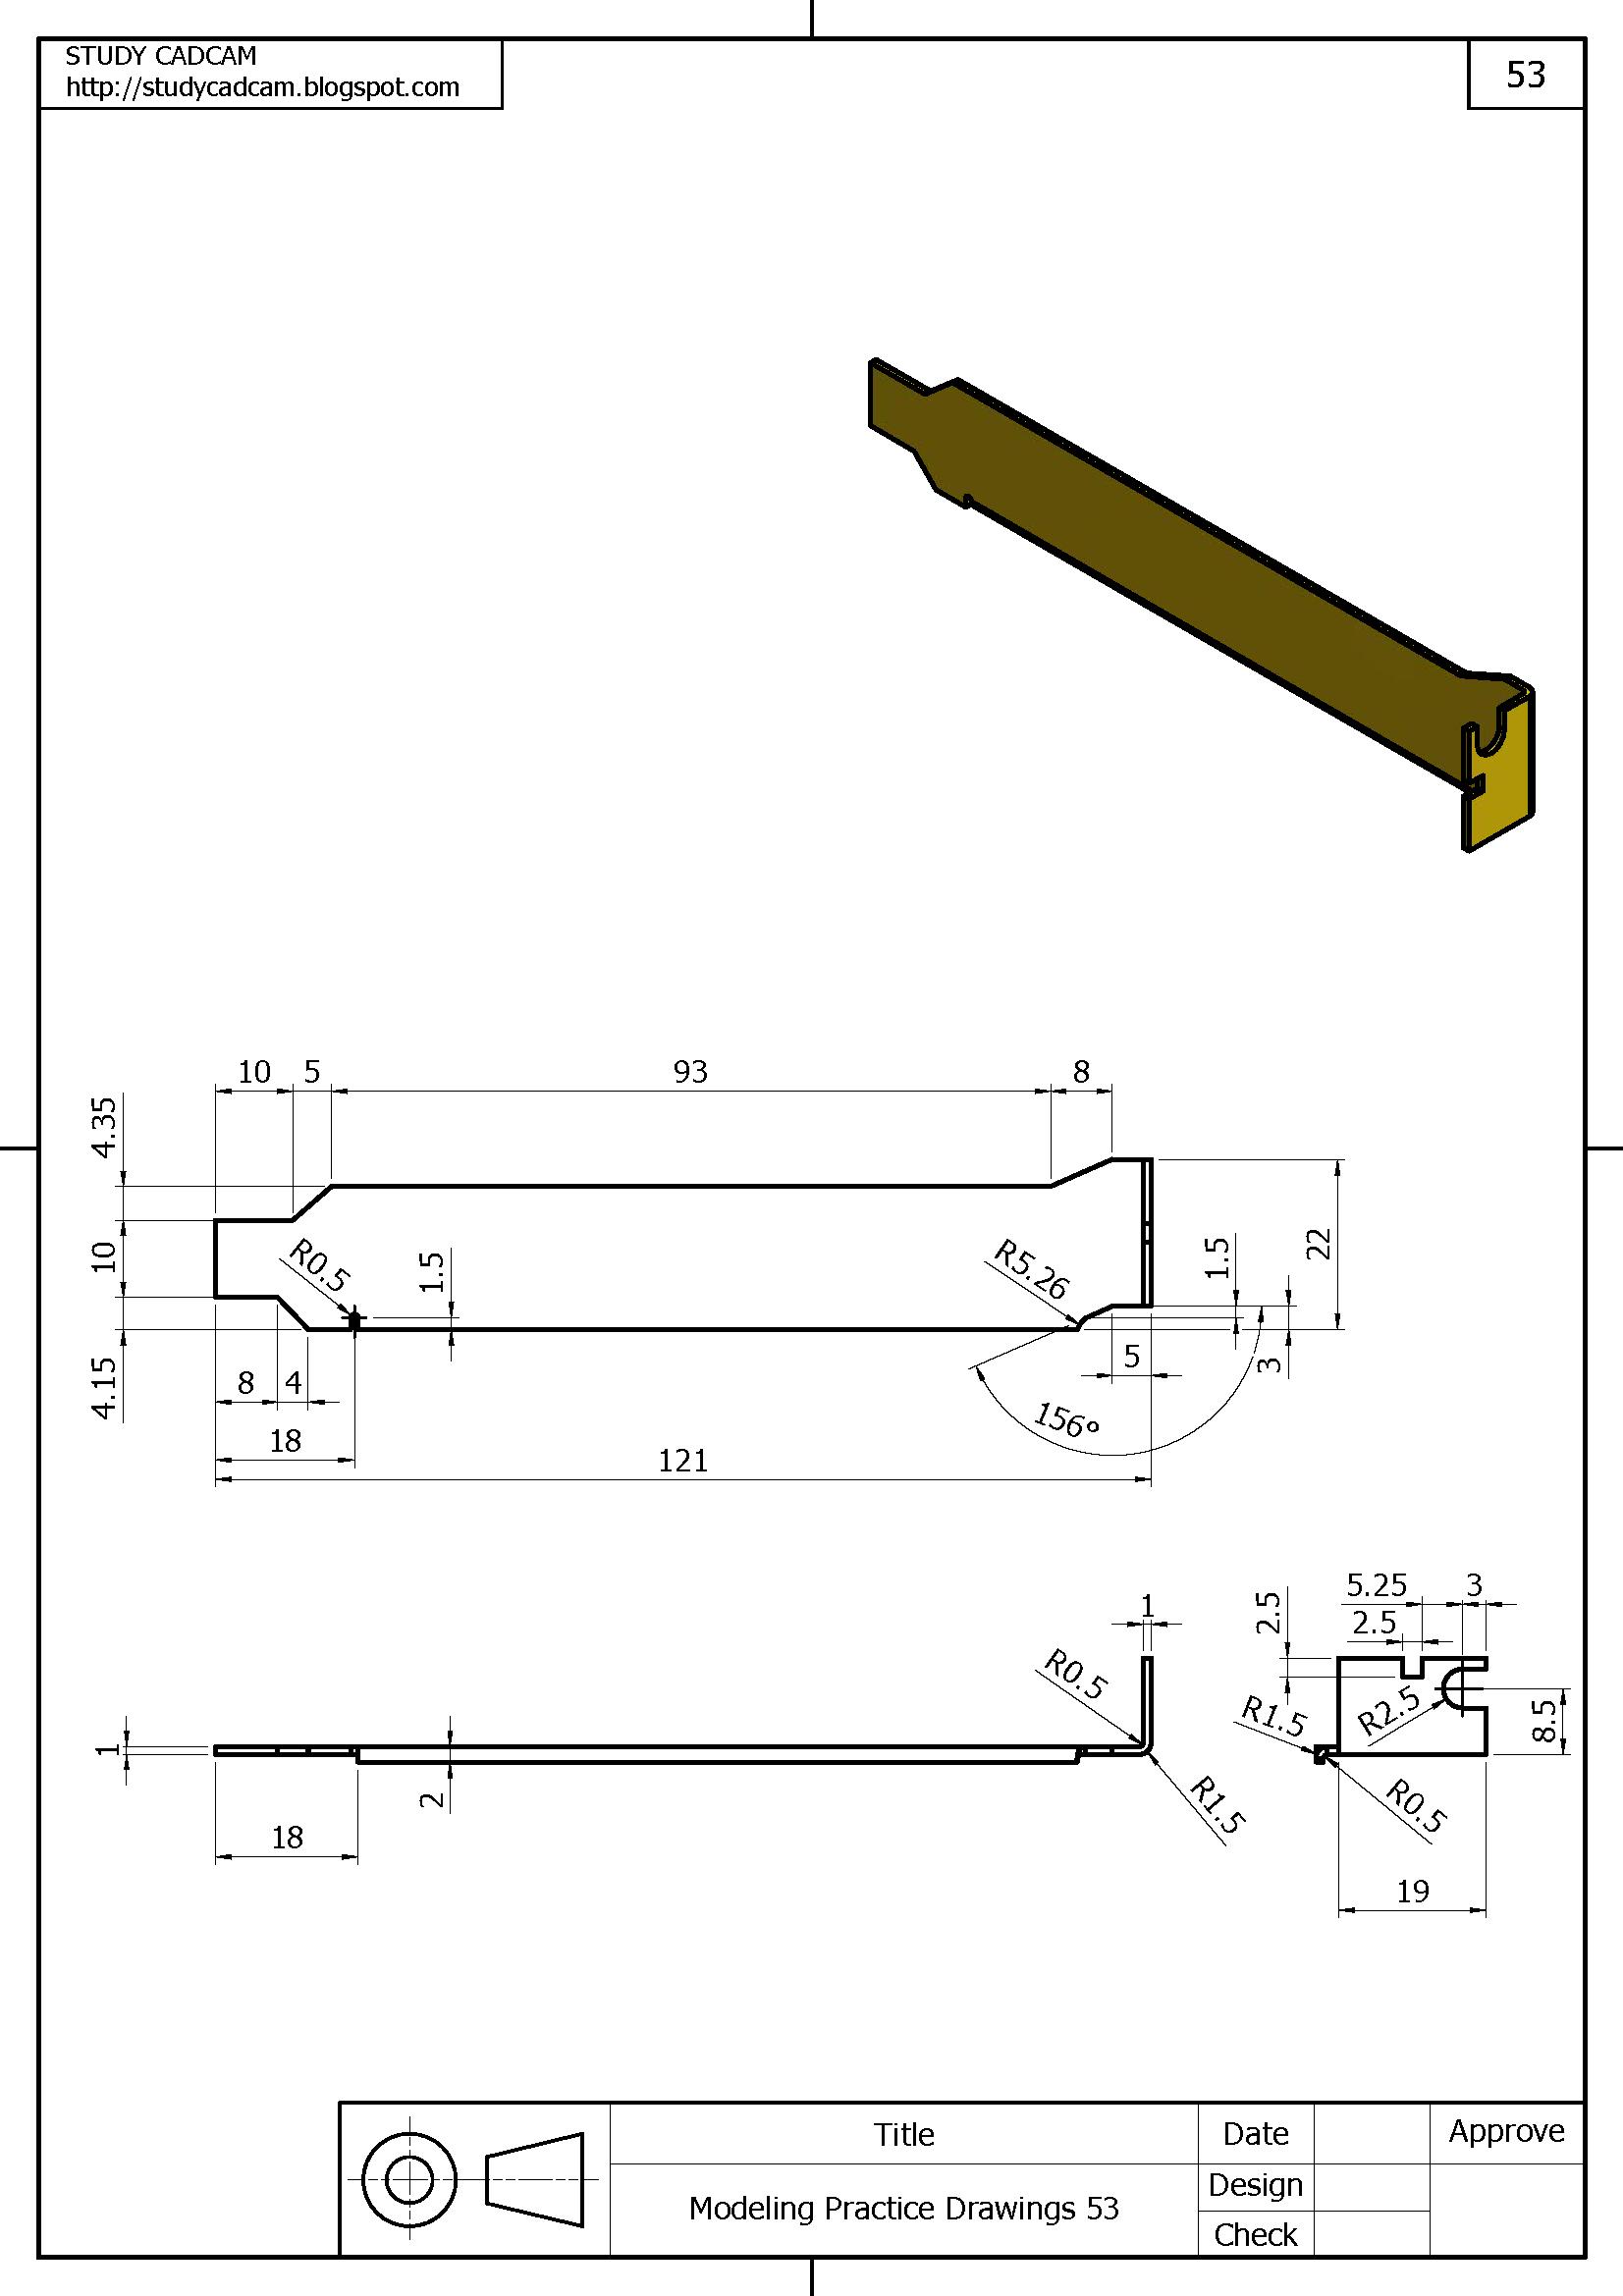 Pin By Martin Munoz On Mecanismos Sheet Metal Drawing Mechanical Design Drawing Sheet